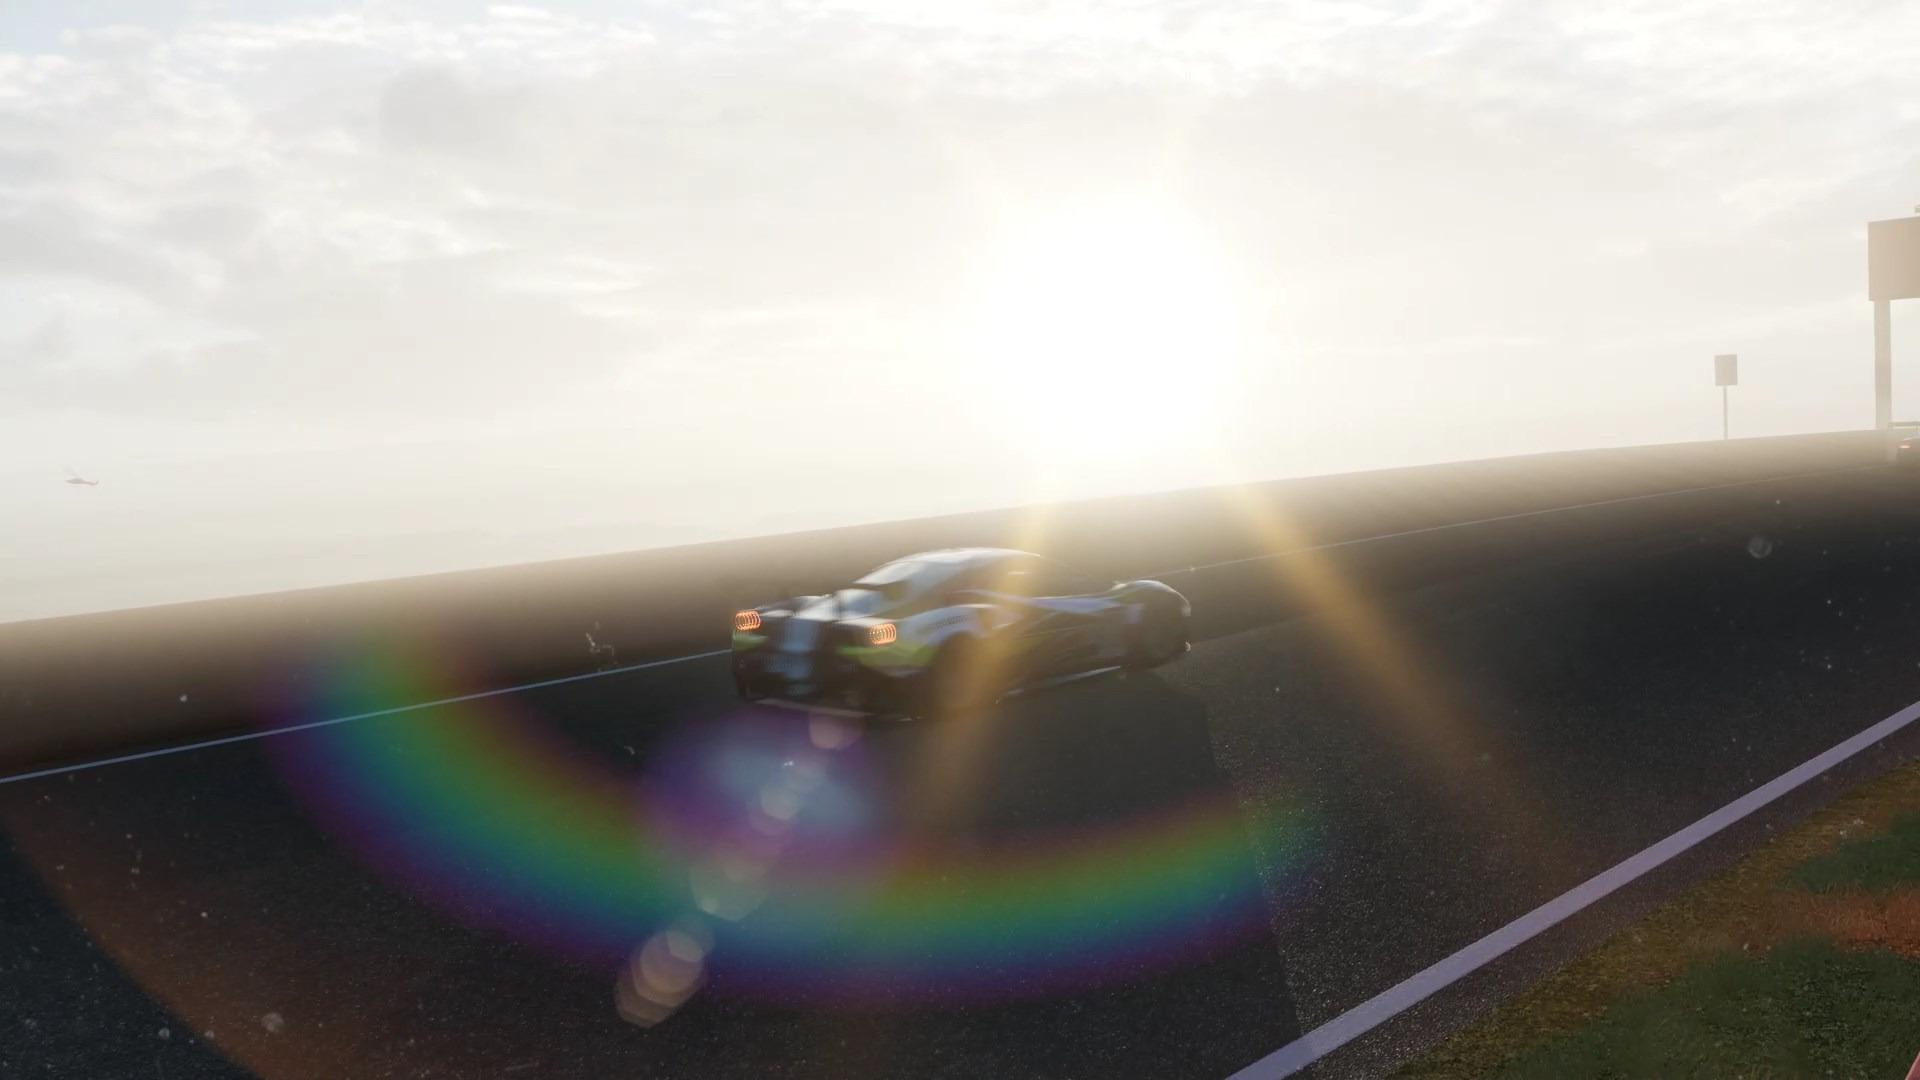 マウントパノラマにて、西日を受けた風景。HDR対応ディスプレイならさらに劇的な絵を楽しめる